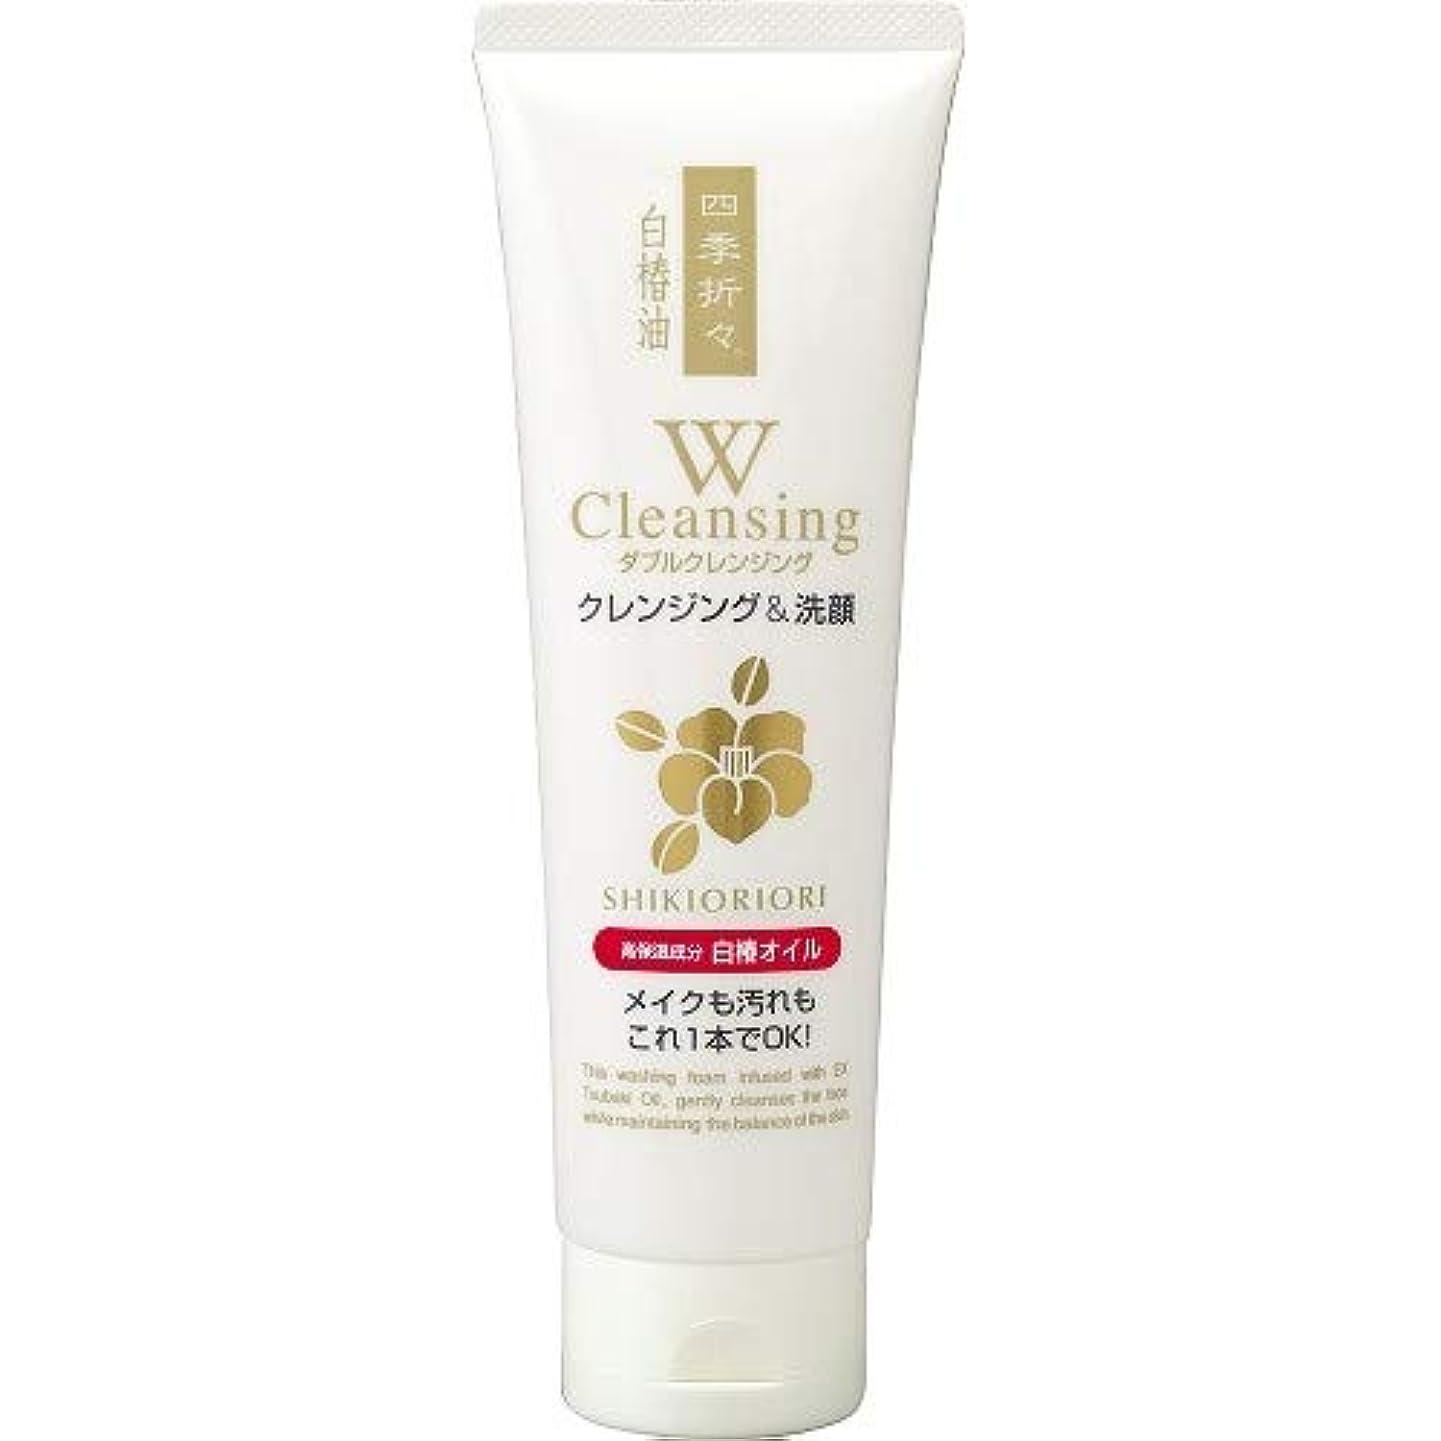 ラッカス植物学しわ四季折々 白椿油Wクレンジング洗顔フォーム 190G